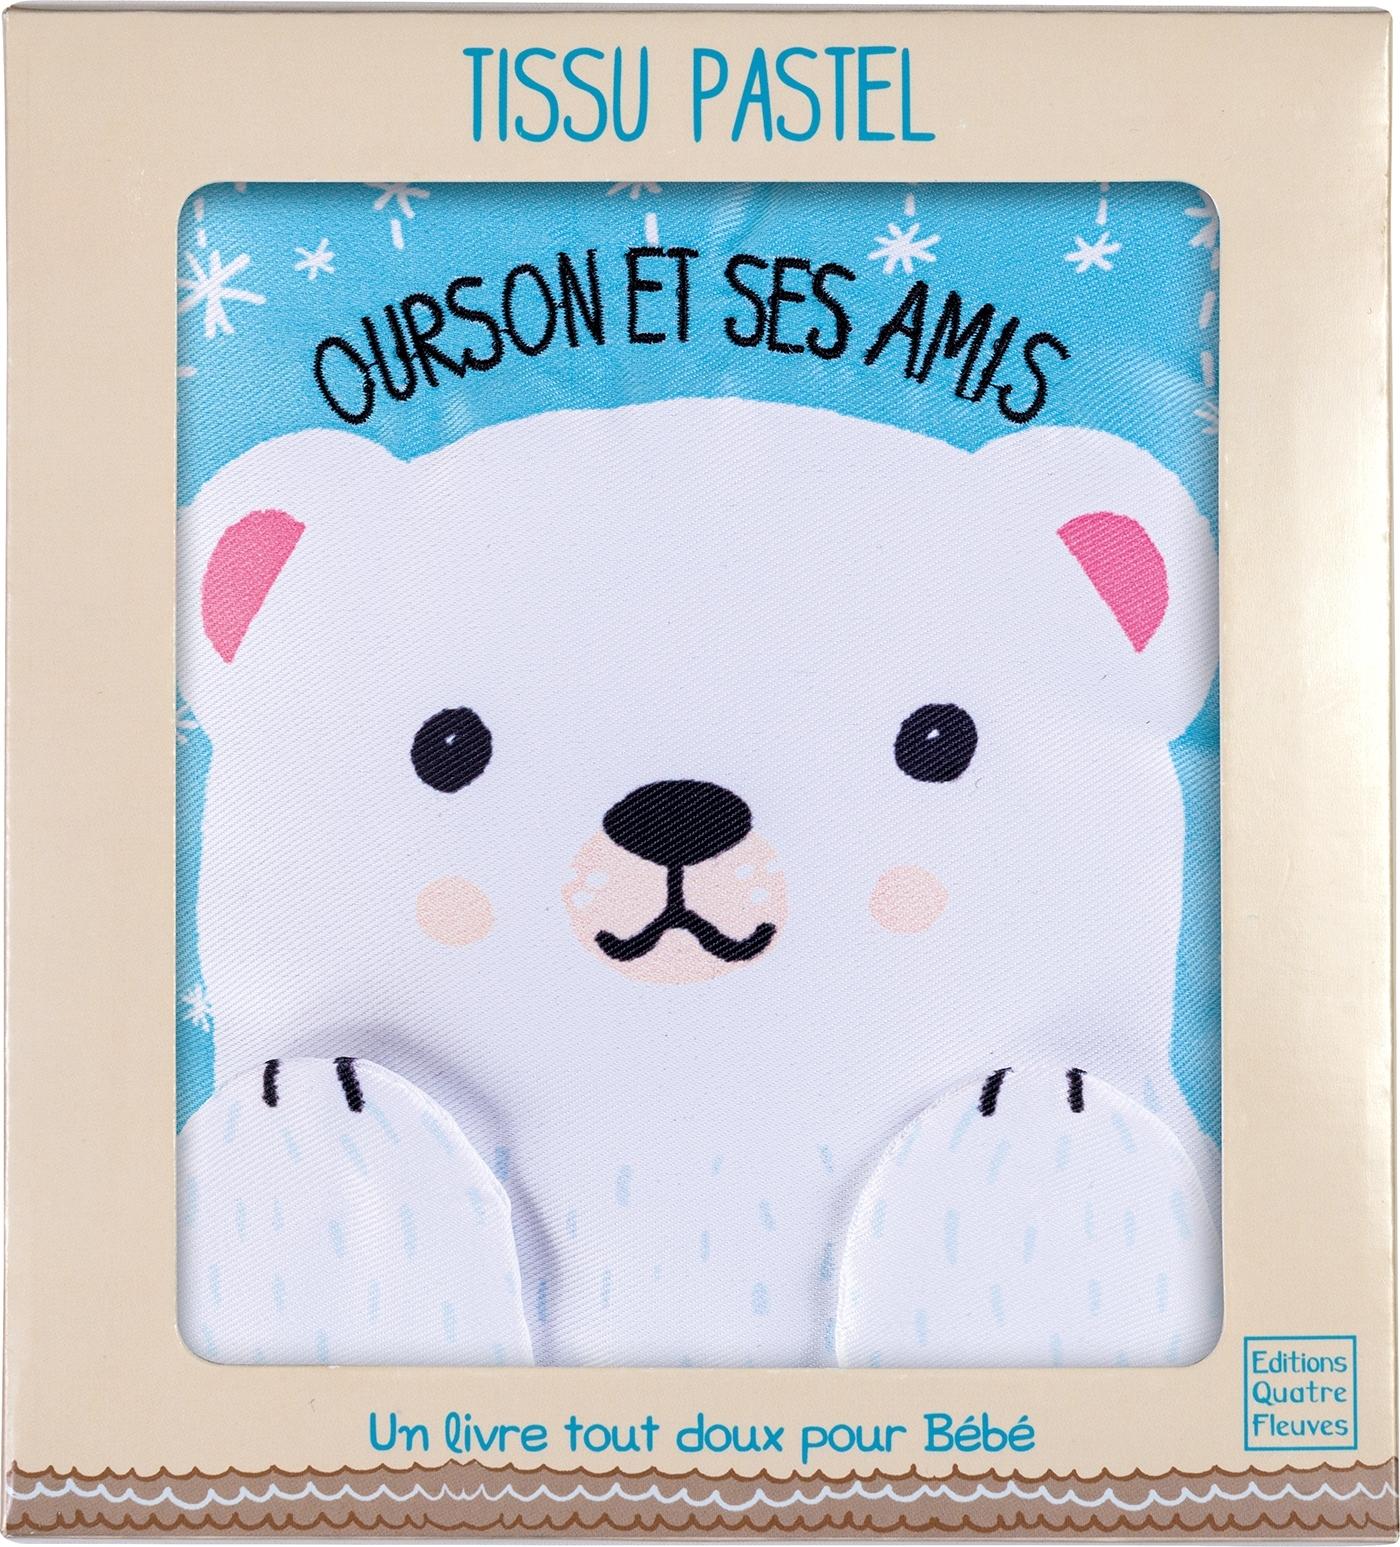 TISSU-BOITE - OURSON ET SES AMIS (AVEC BOITE)